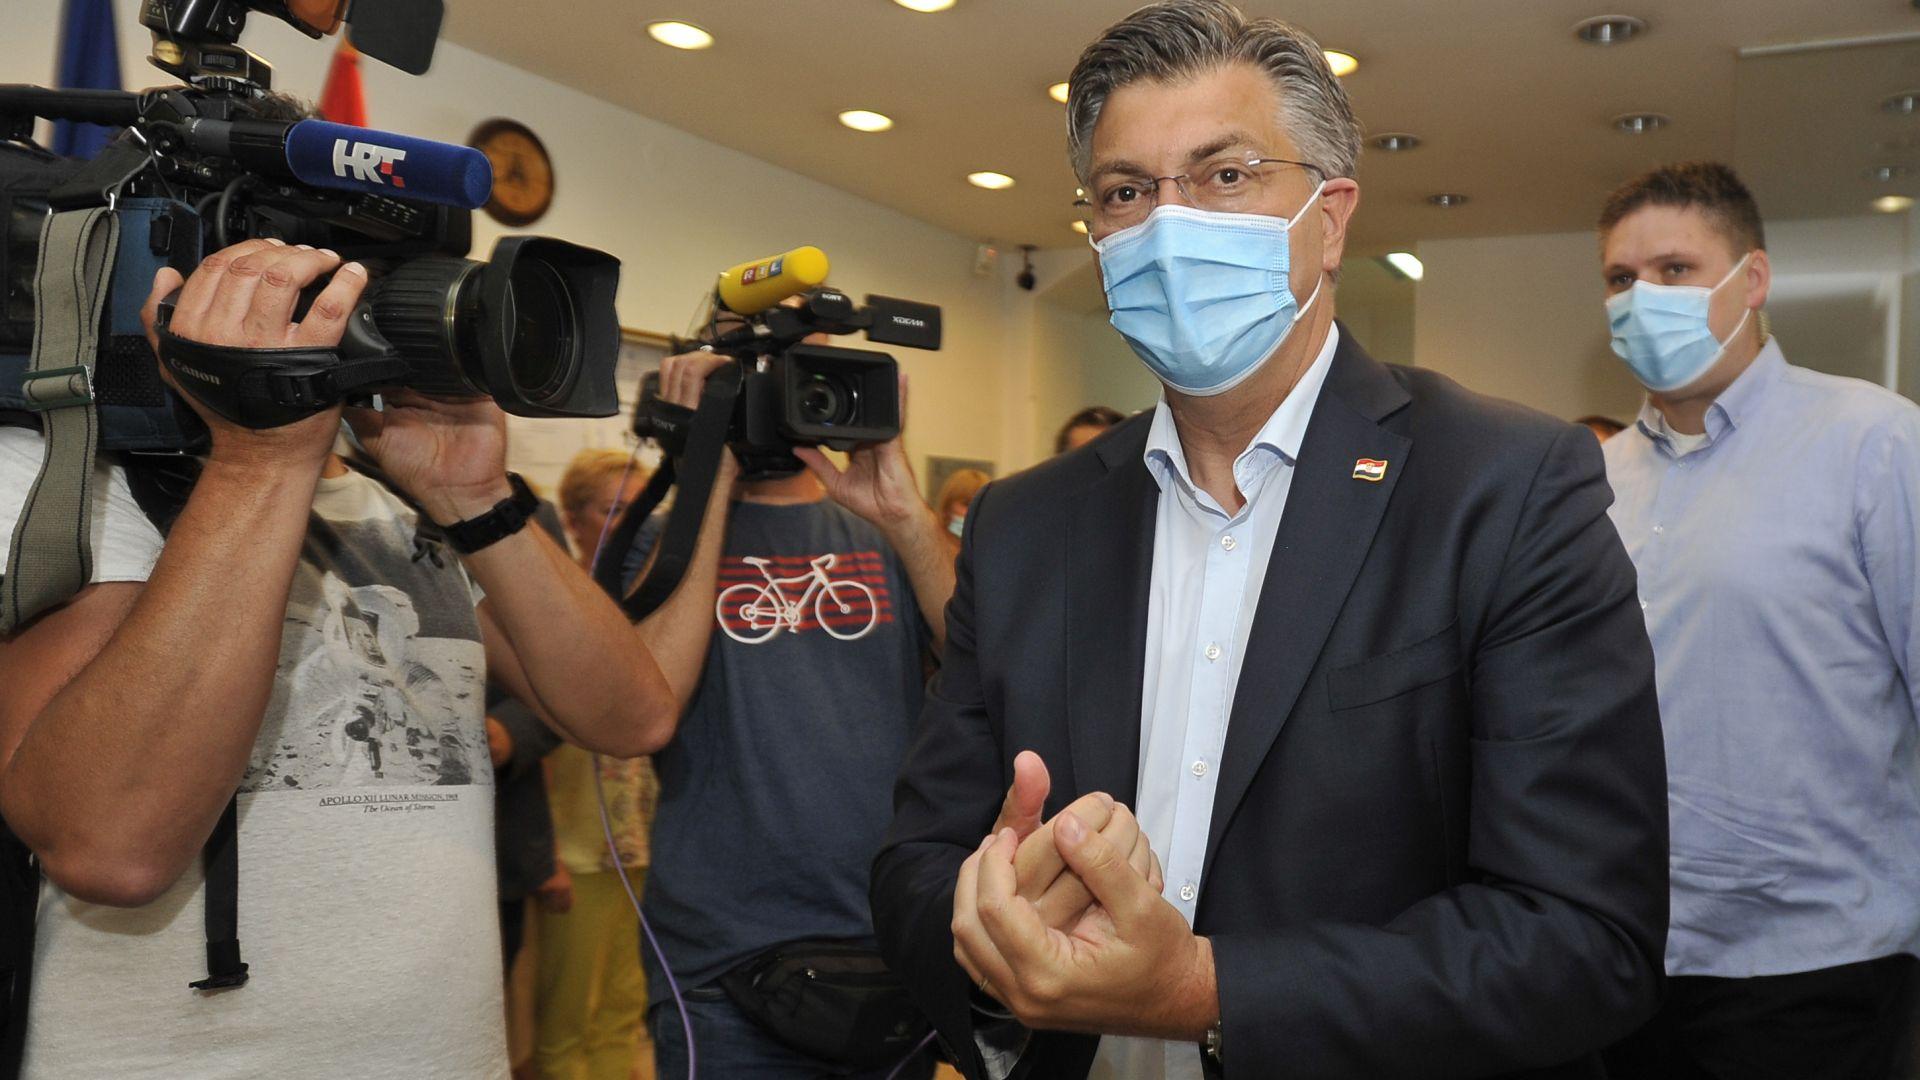 Консерваторите на премиера Пленкович печелят изборите в Хърватия, фолк певец евроскептик влиза в парламента